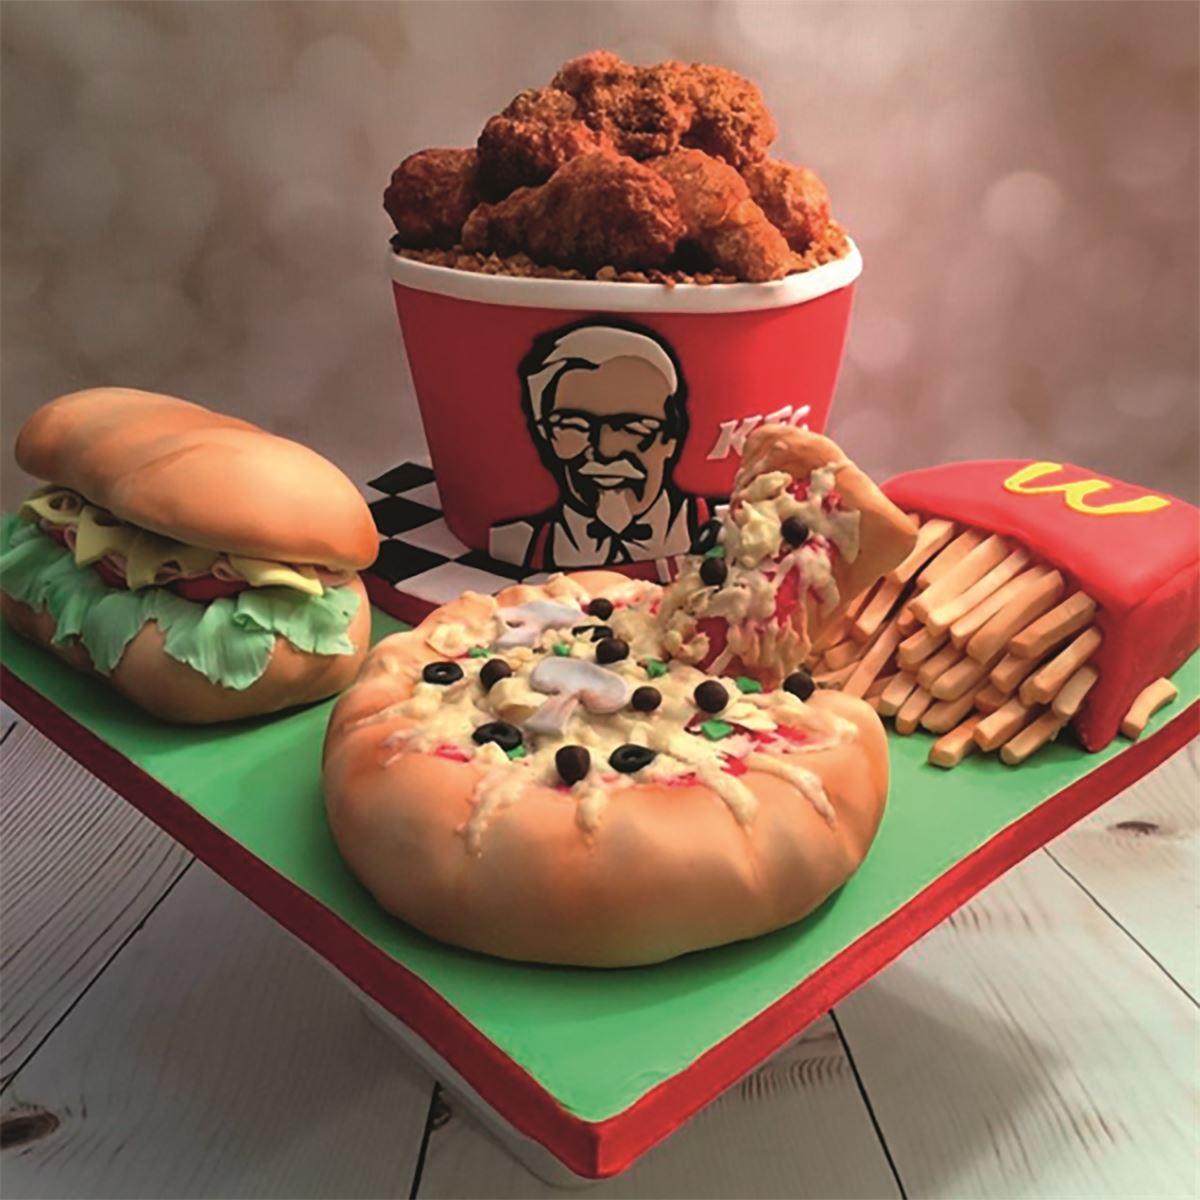 KFC illusion cake